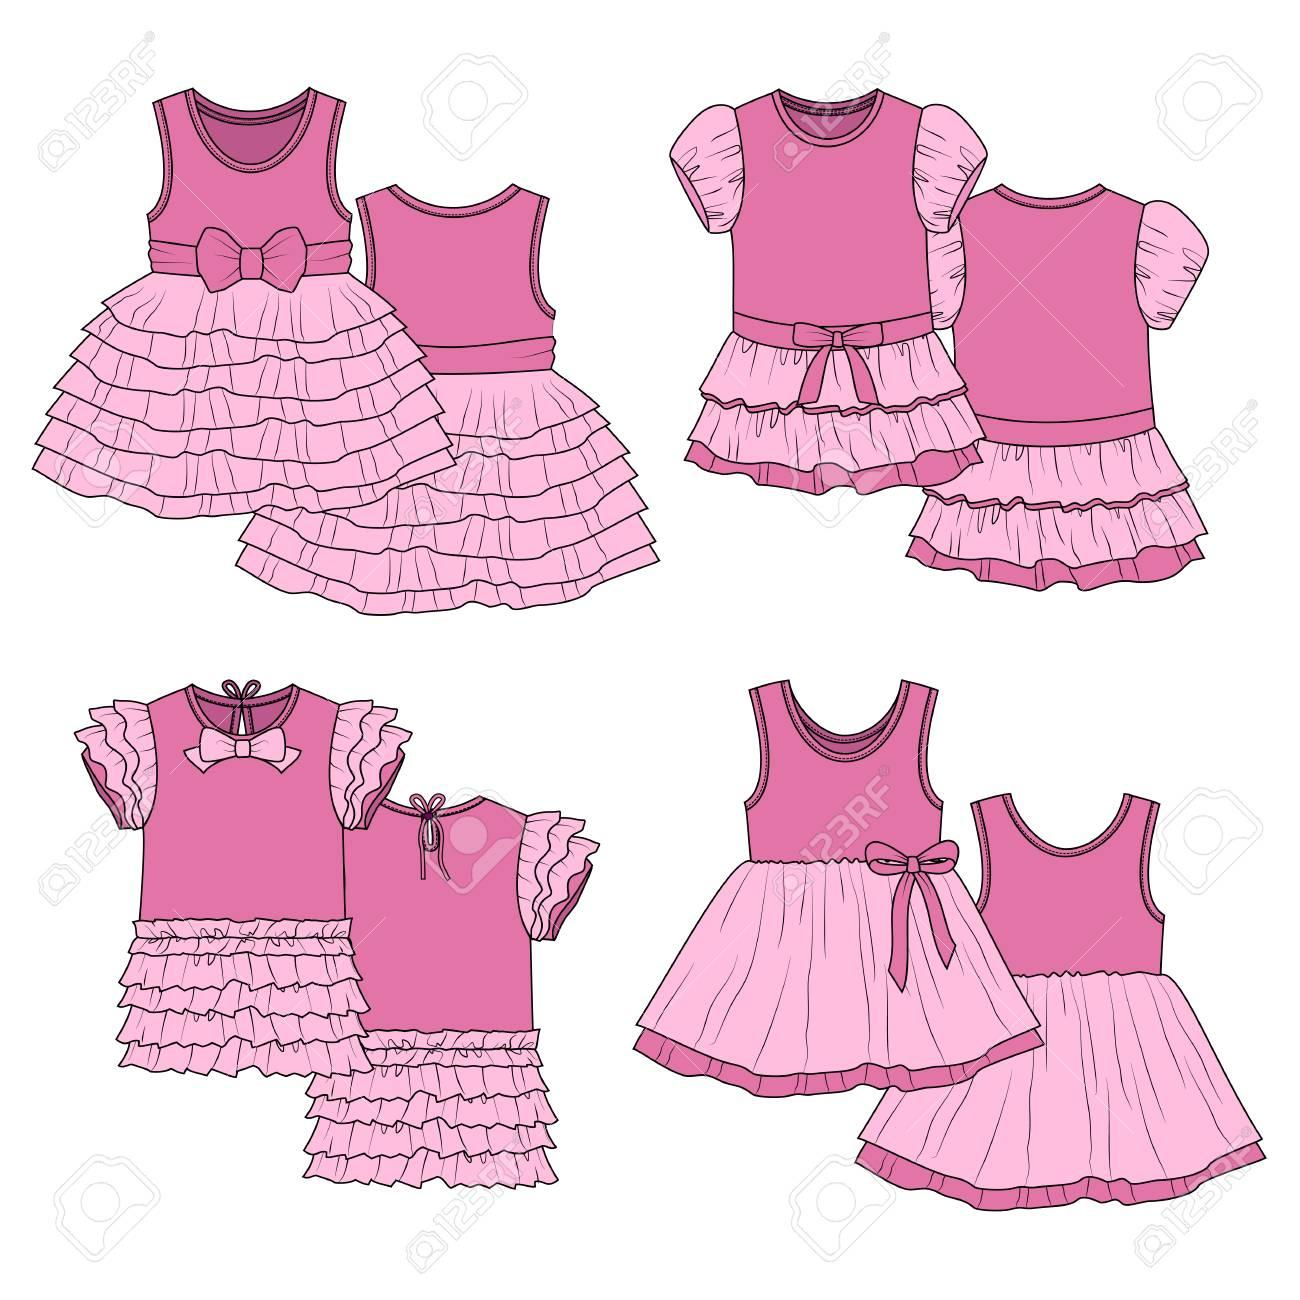 Boceto De Su Diseño. Cuatro Vestidos. Ilustraciones Vectoriales ...